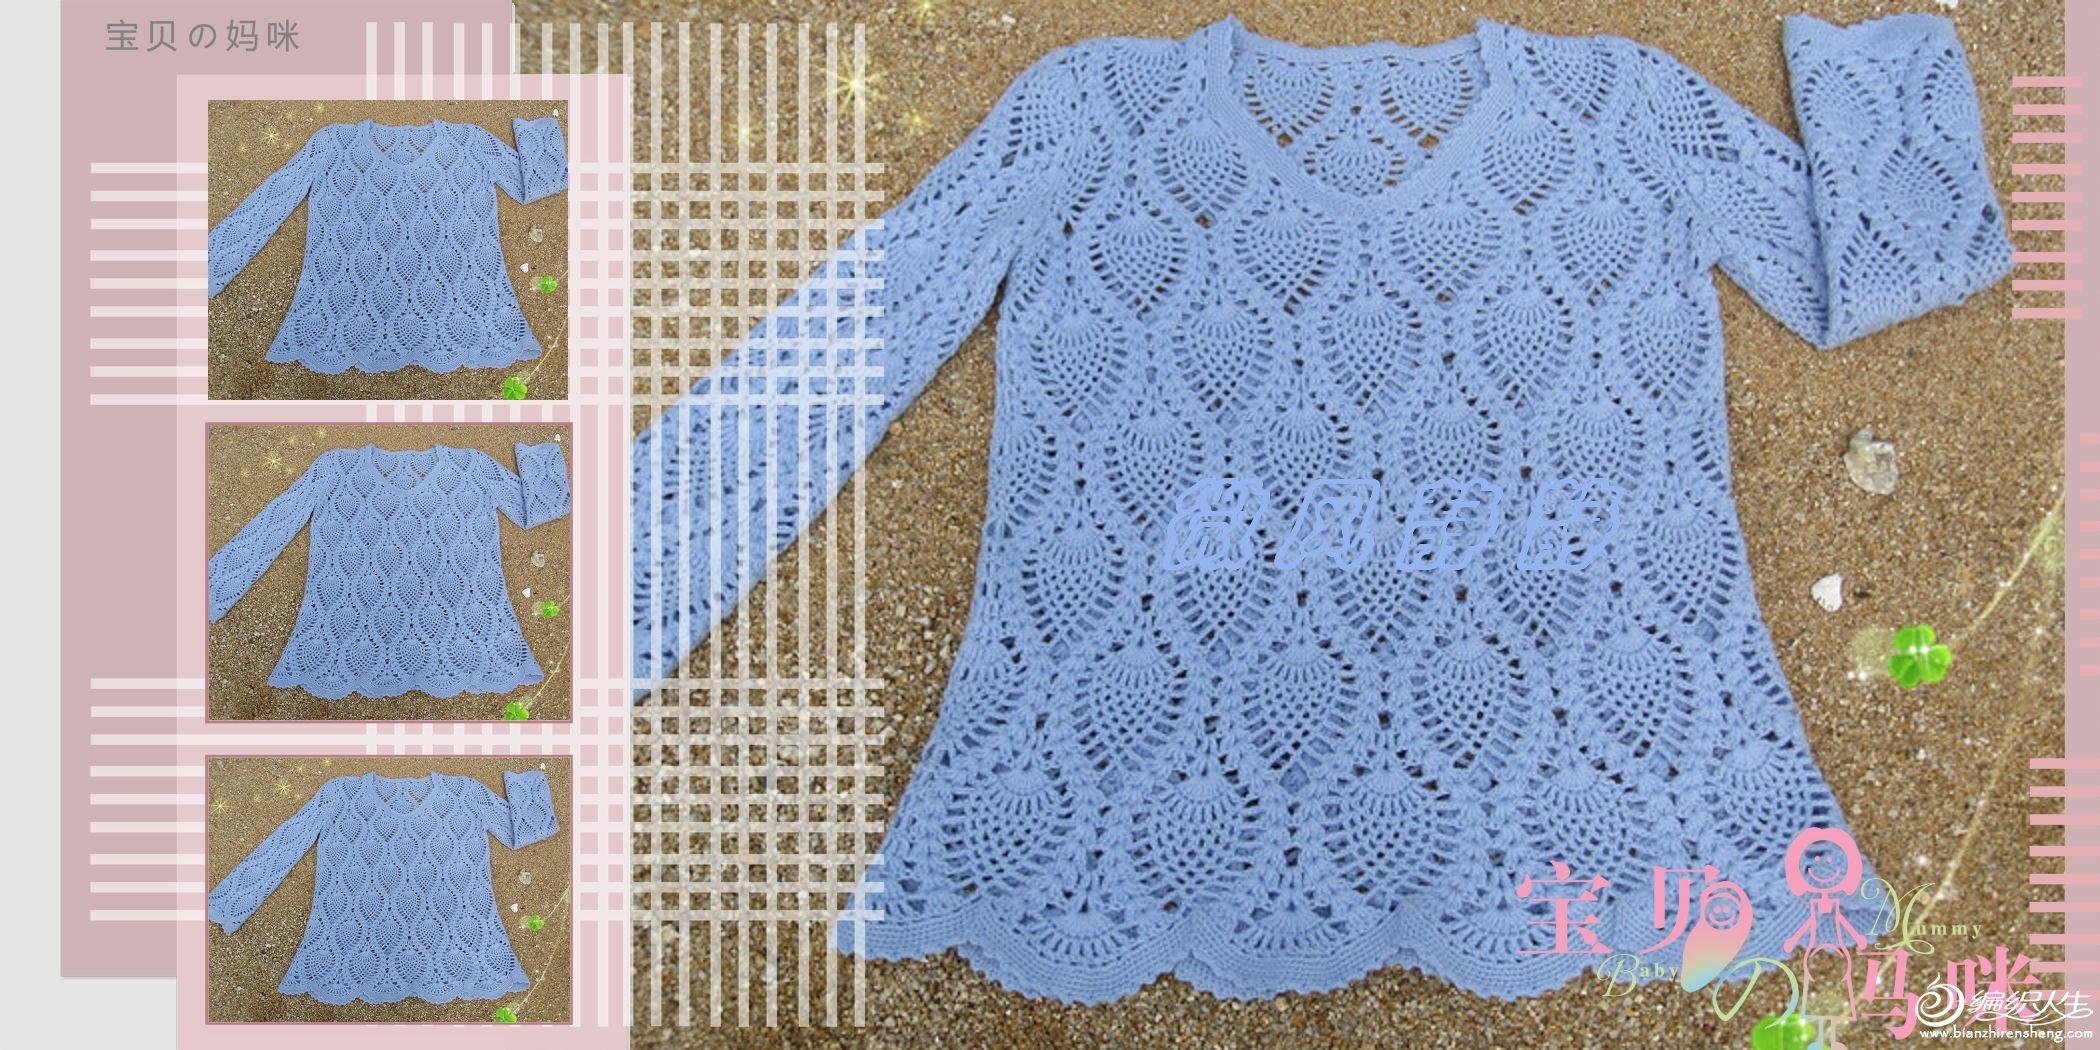 【引用】蓝色畅想——菠萝连衣裙图解 - 壹一 - 壹一编织博客